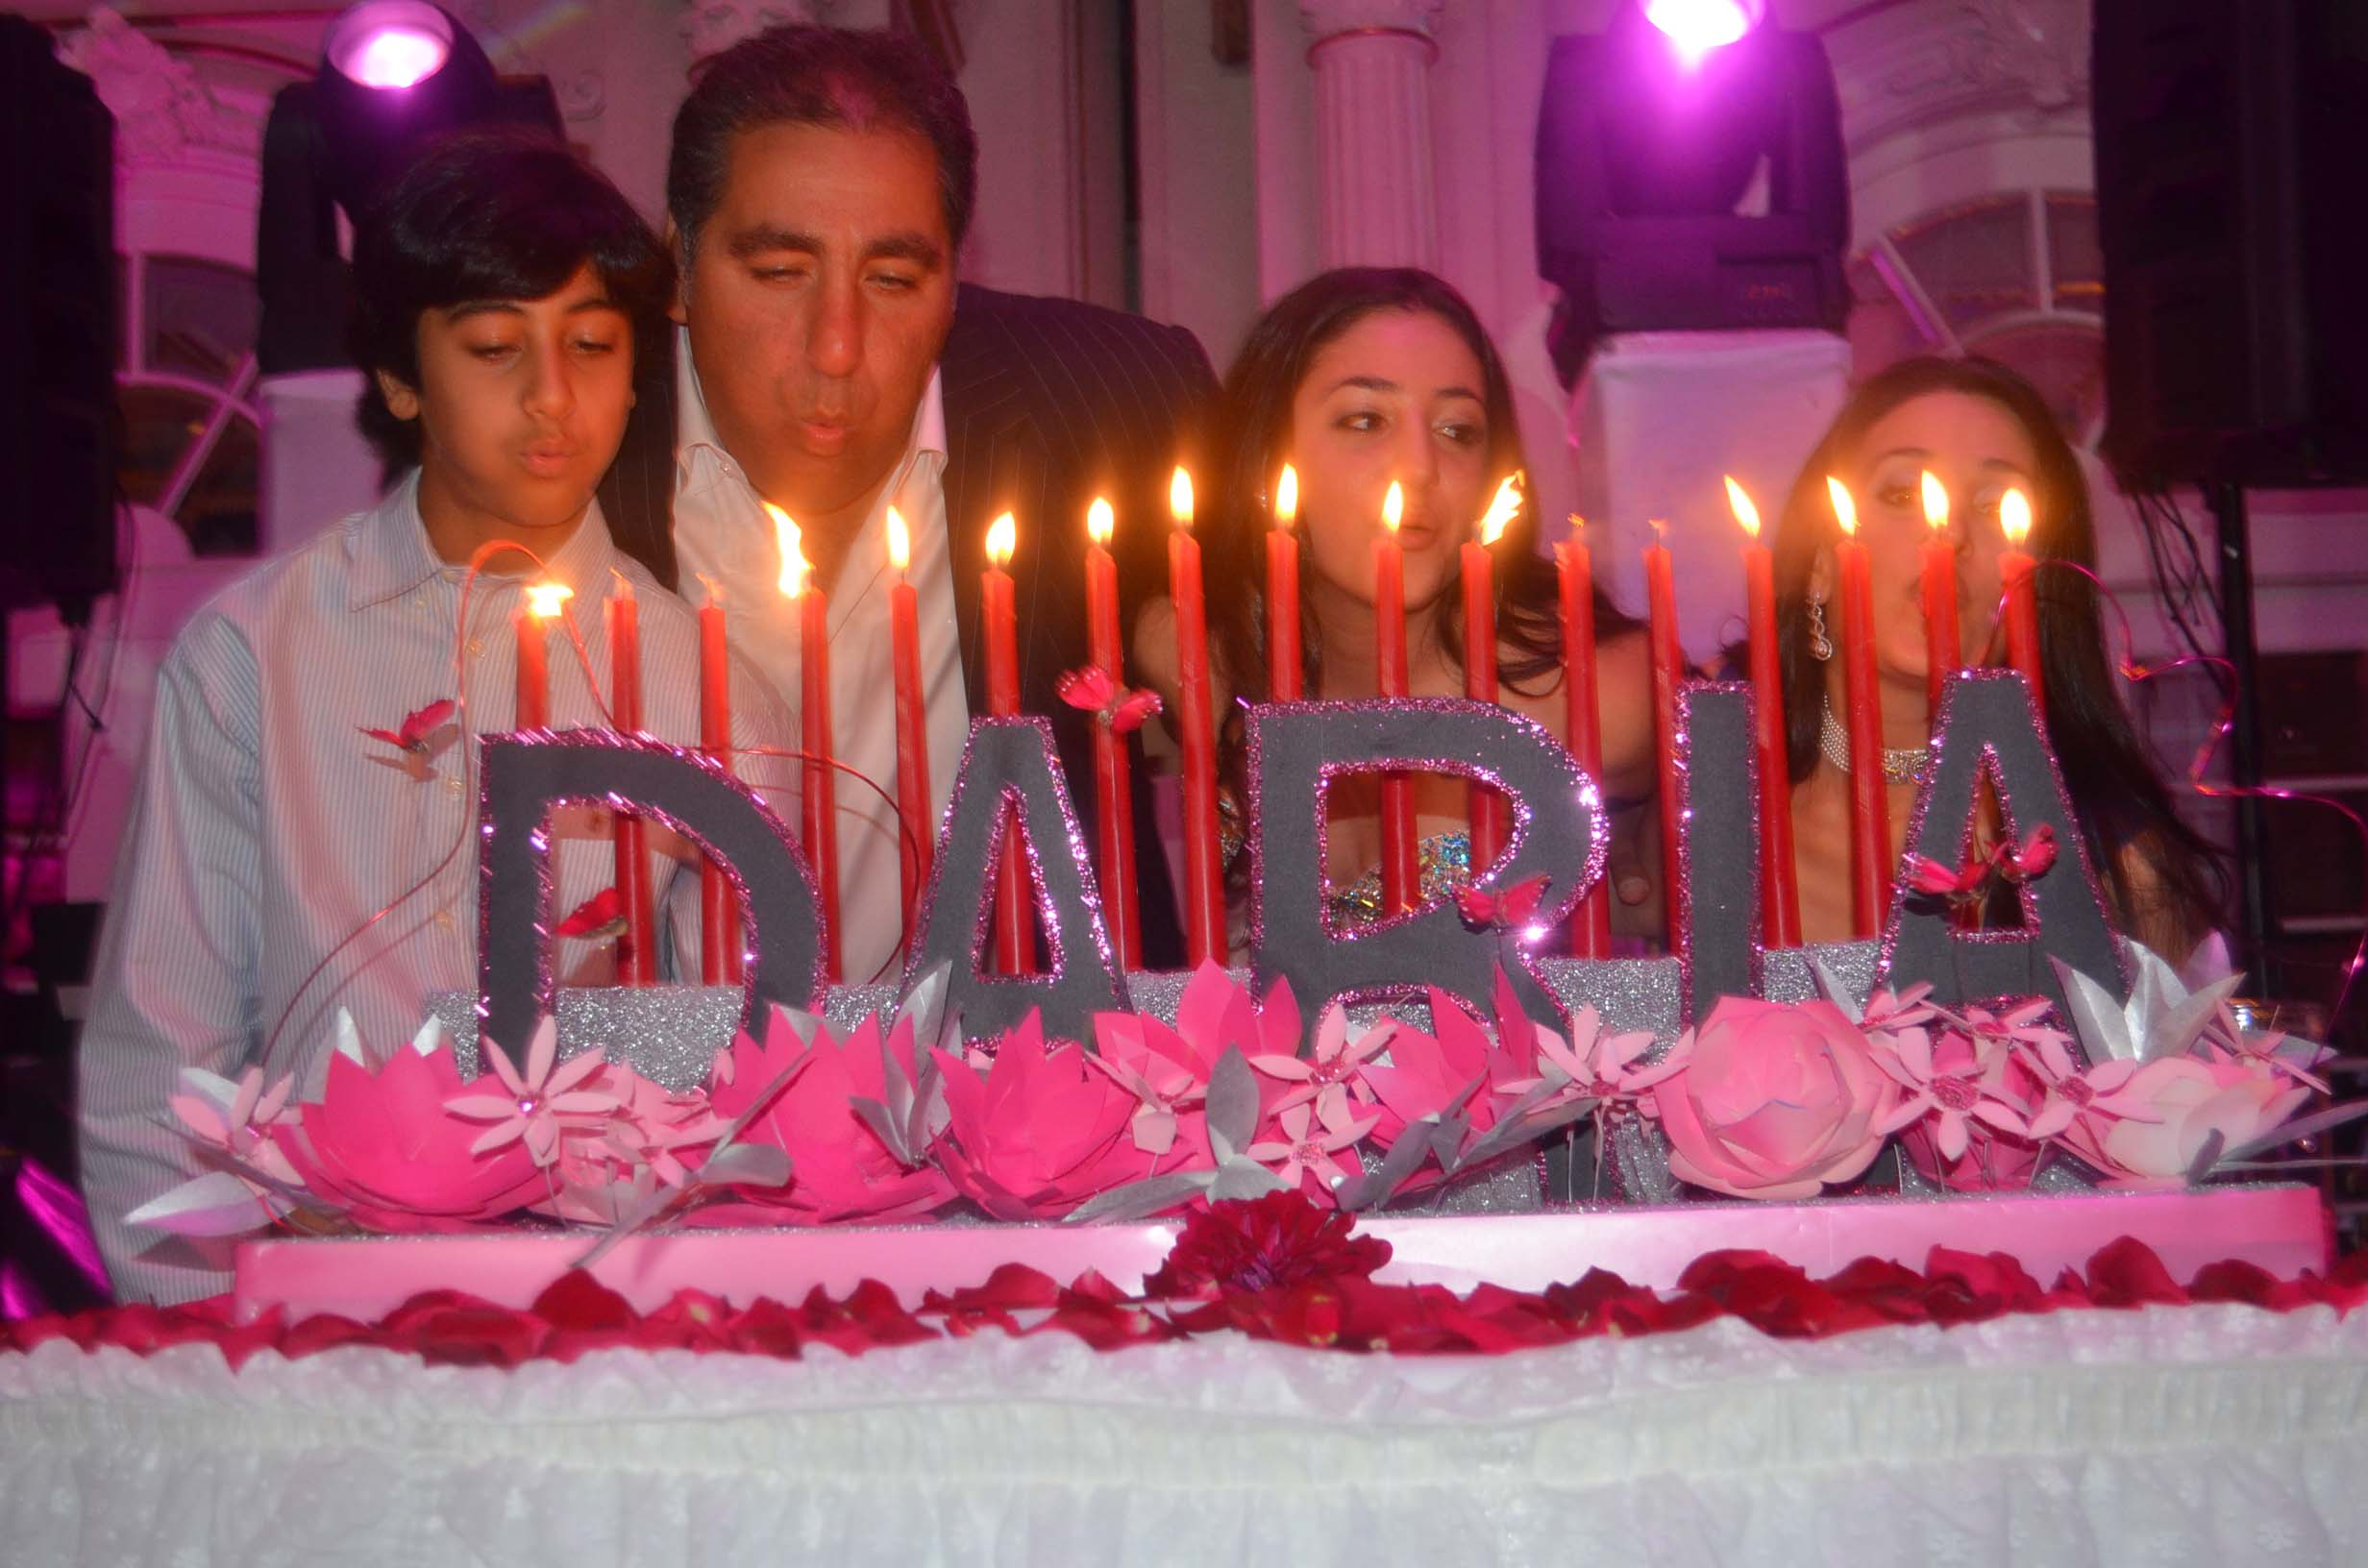 Sweet Candle Lighting